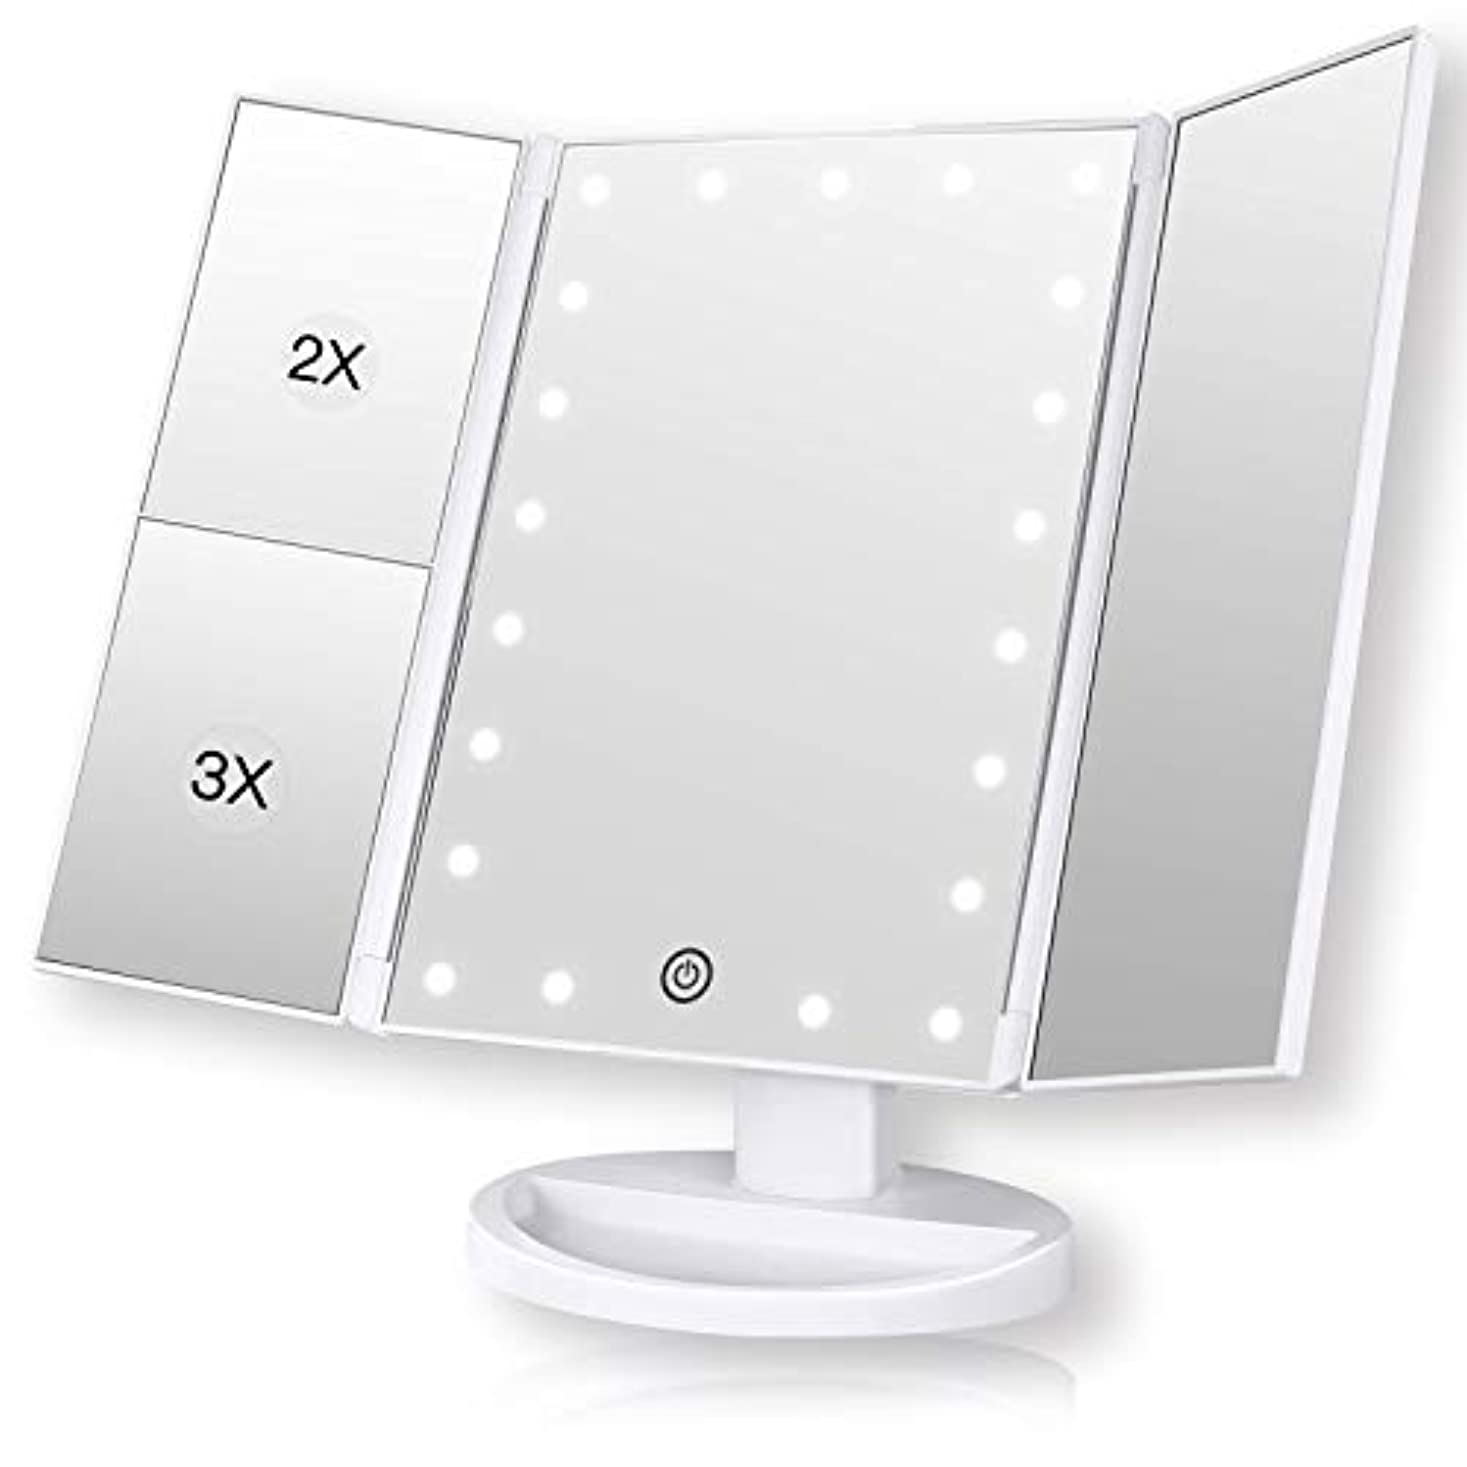 疼痛委員長右ROZZERMAN 化粧鏡 卓上ミラー 三面鏡 ledライト 女優ミラー 折りたたみ 持ち運び 拡大鏡 2倍 3倍 角度調整